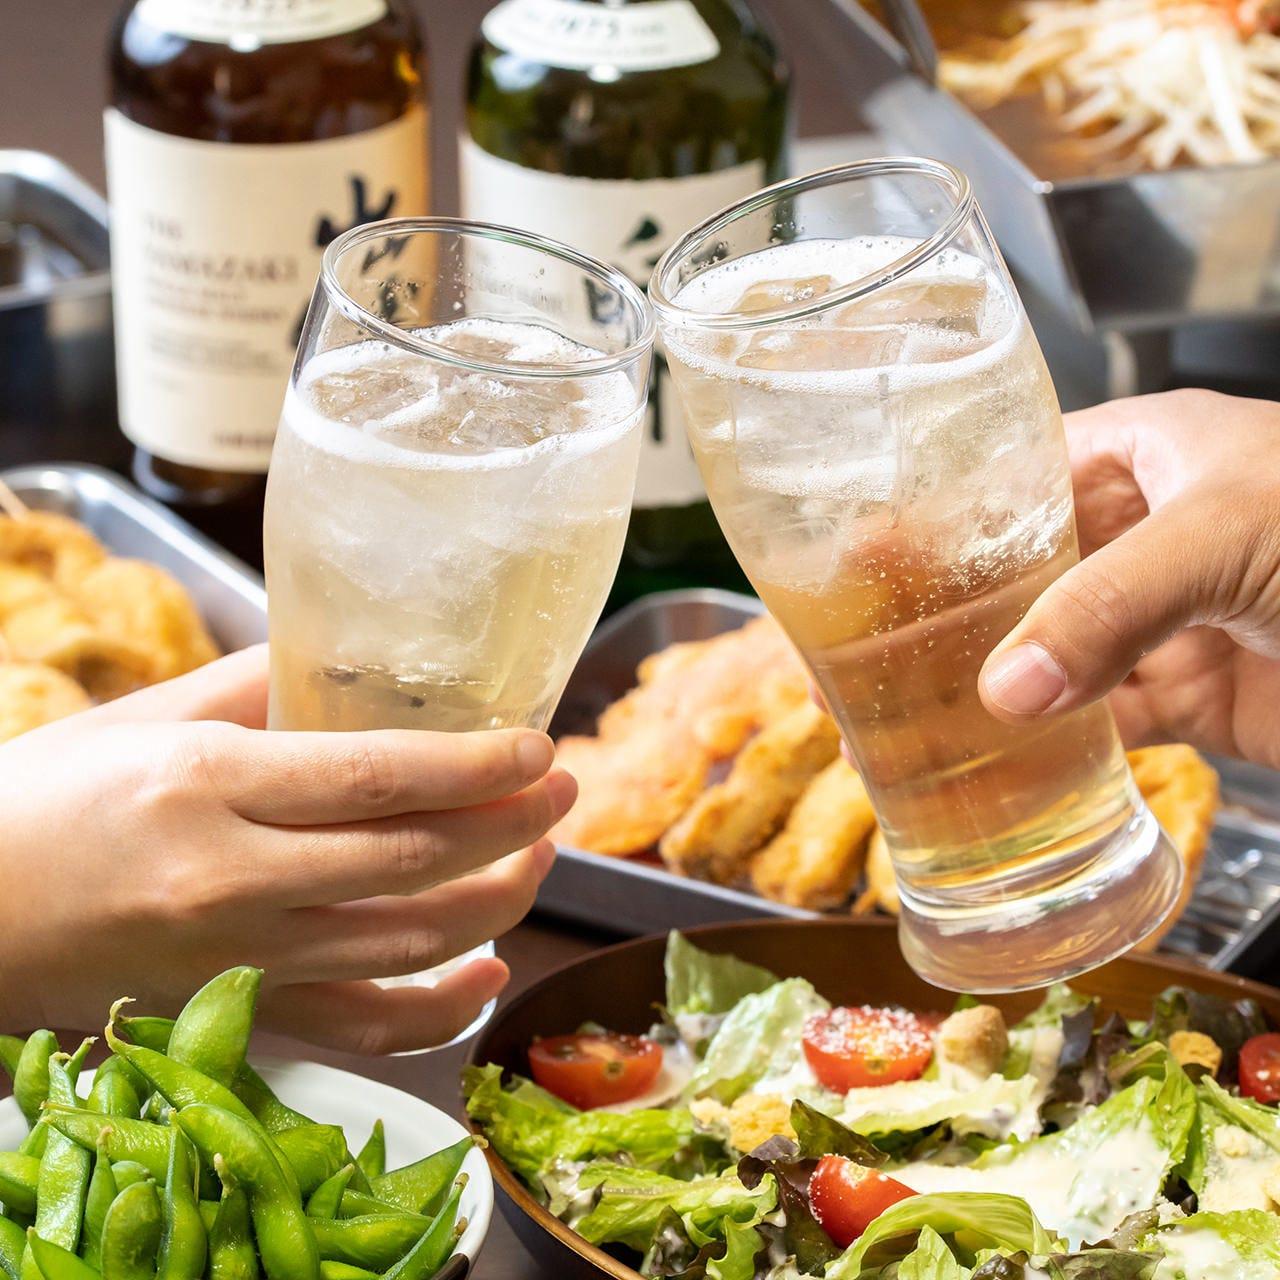 乾杯ドリンクサービスや、飲み放題をお得に楽しめる特典が♪